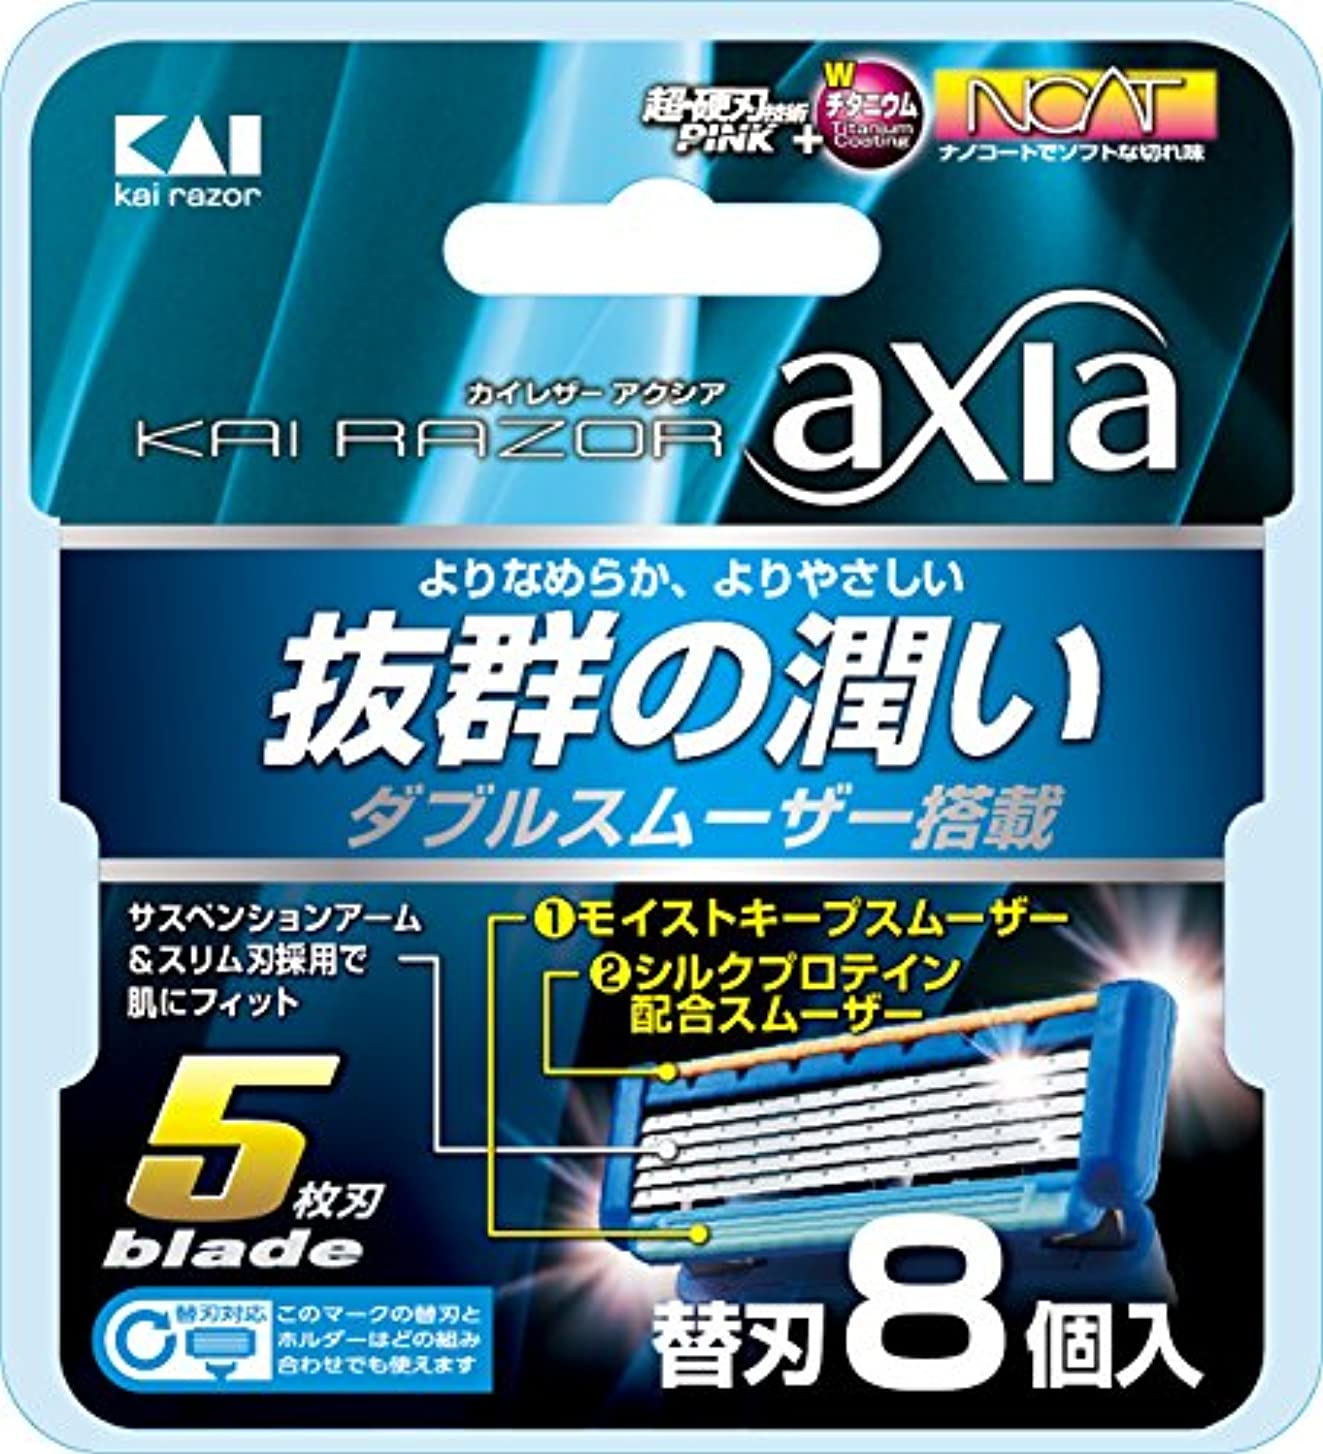 先入観ポーン罹患率KAI RAZOR axia(カイ レザー アクシア)5枚刃 替刃 8個入